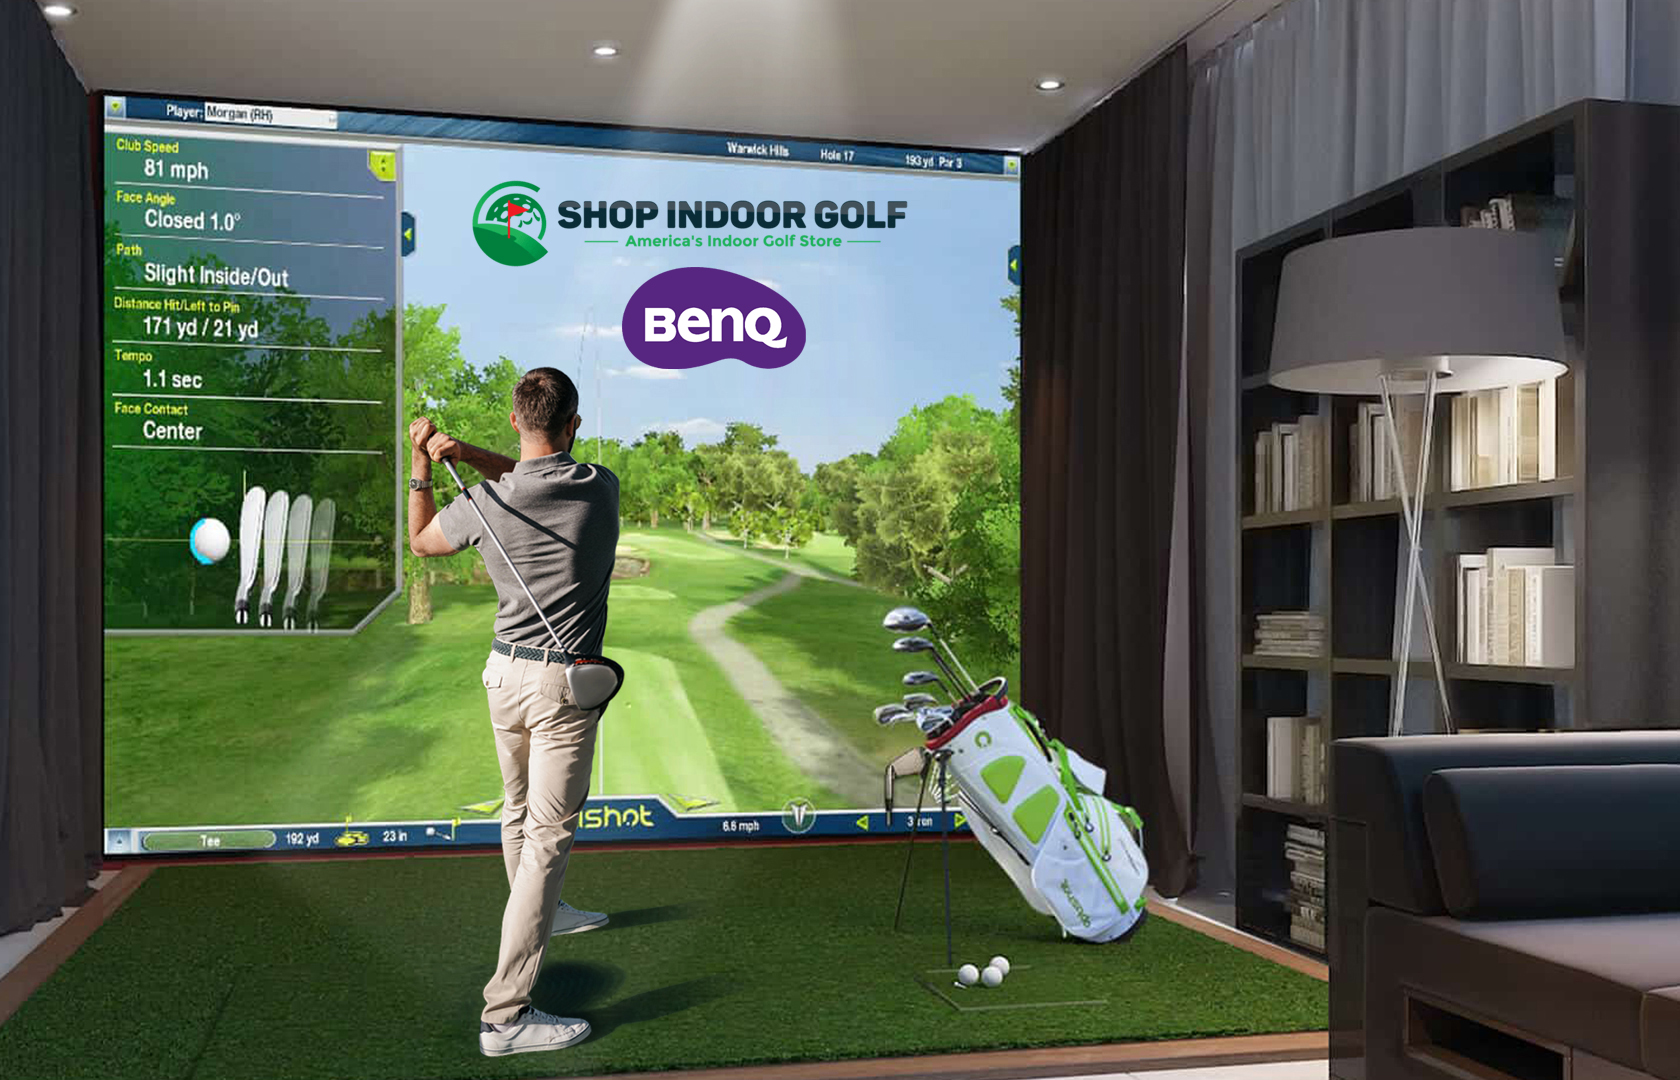 Shop Indoor Golf